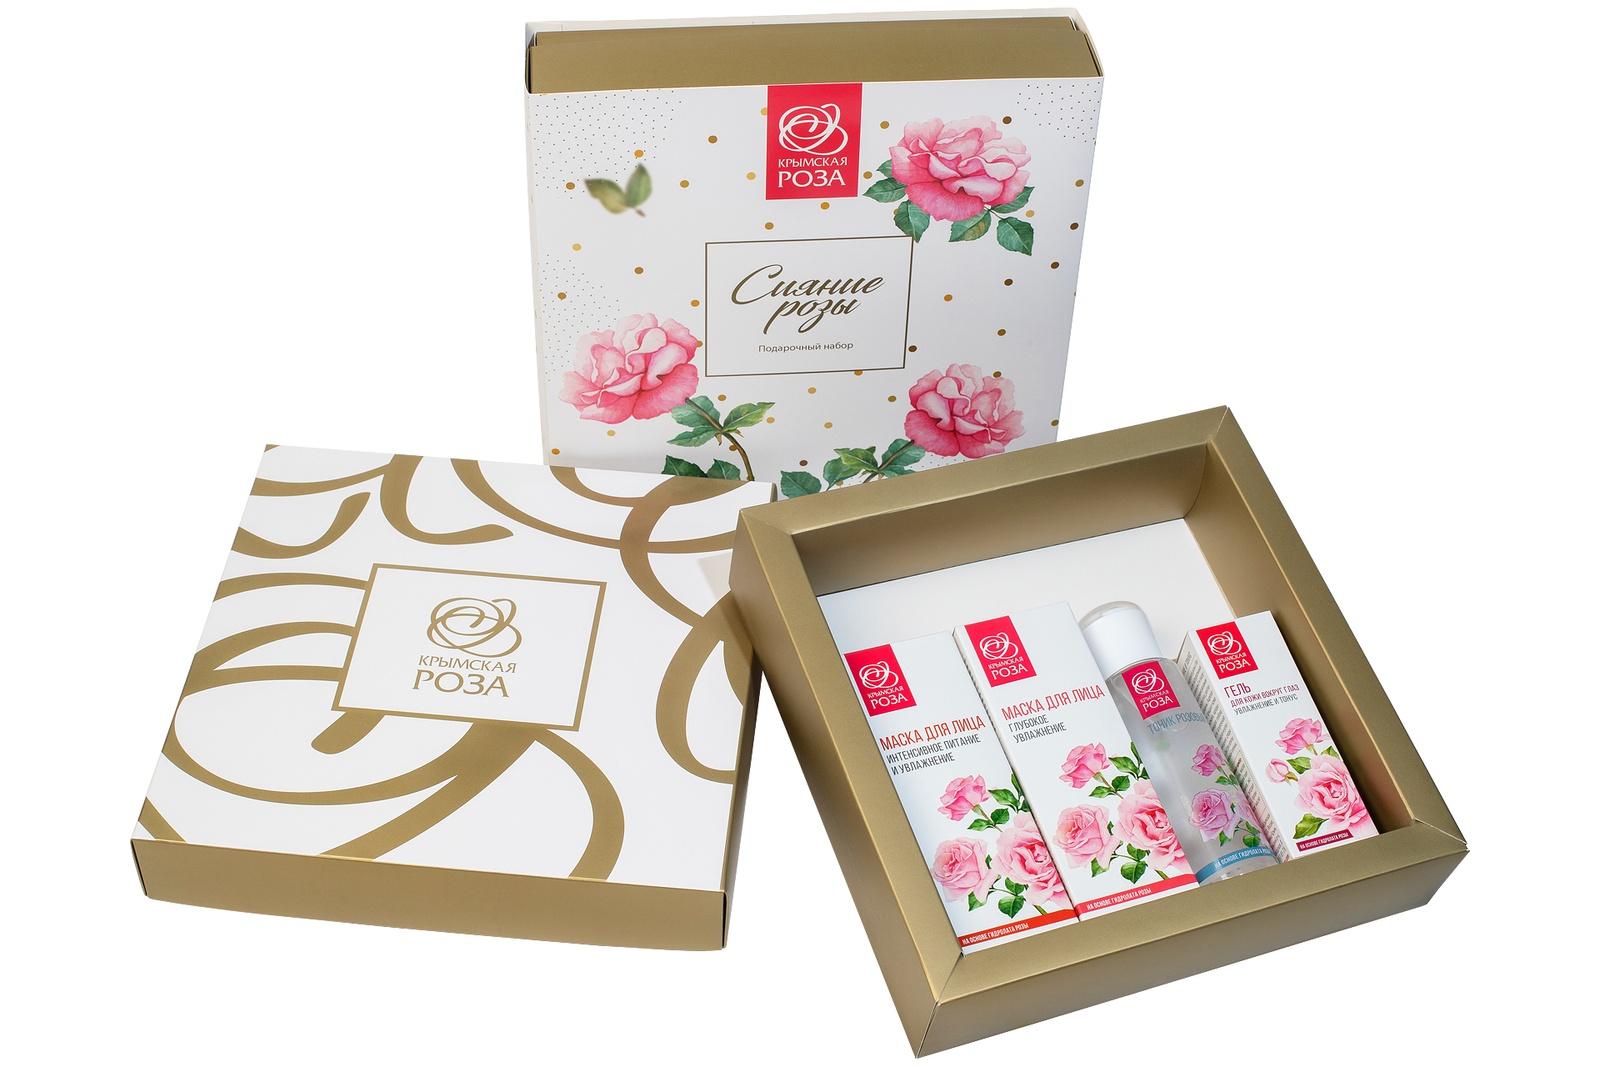 Набор косметики для ухода за кожей Крымская роза Сияние Розы, 900 недорго, оригинальная цена